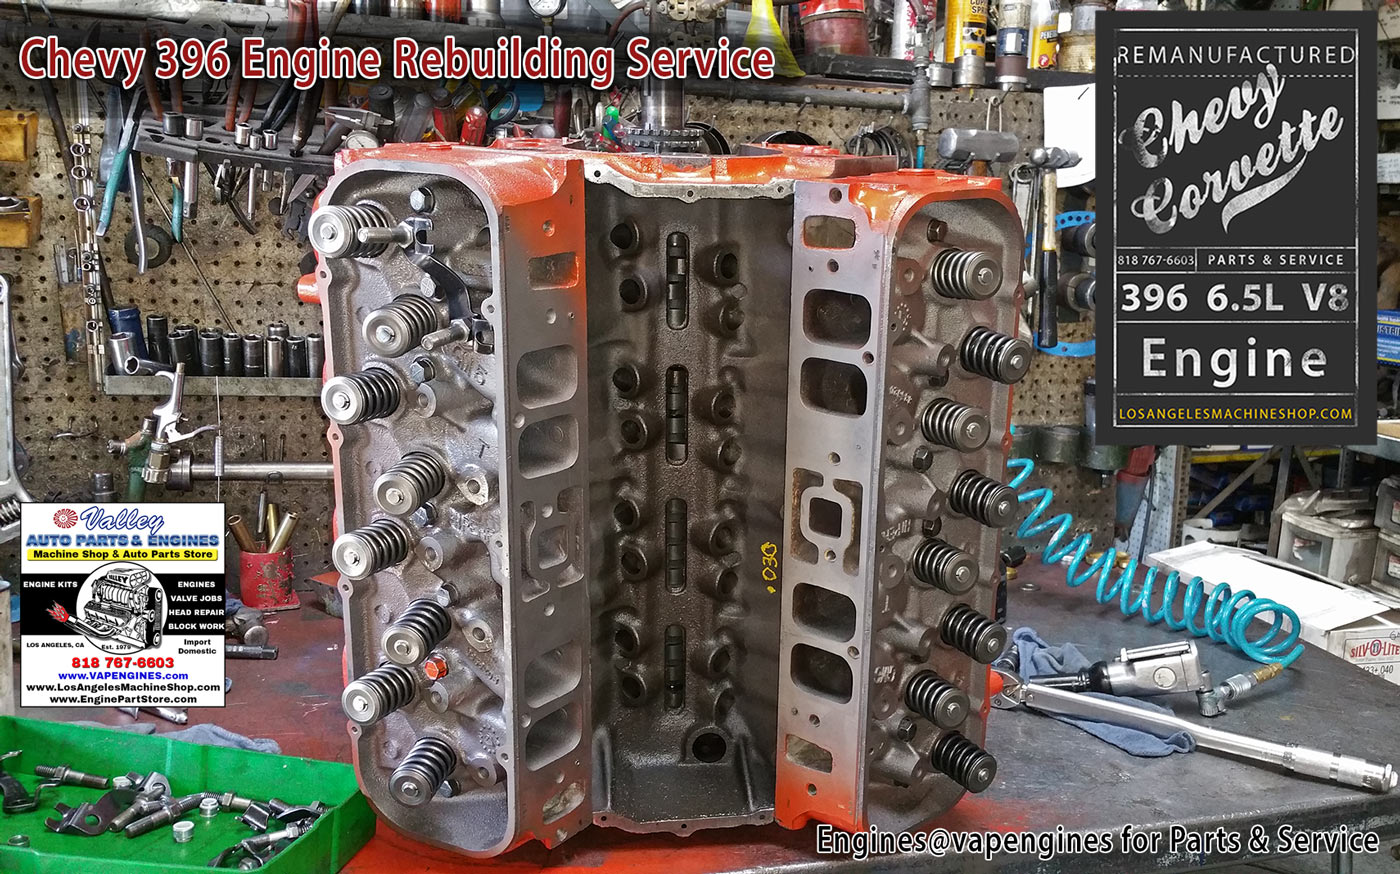 engine machine shops